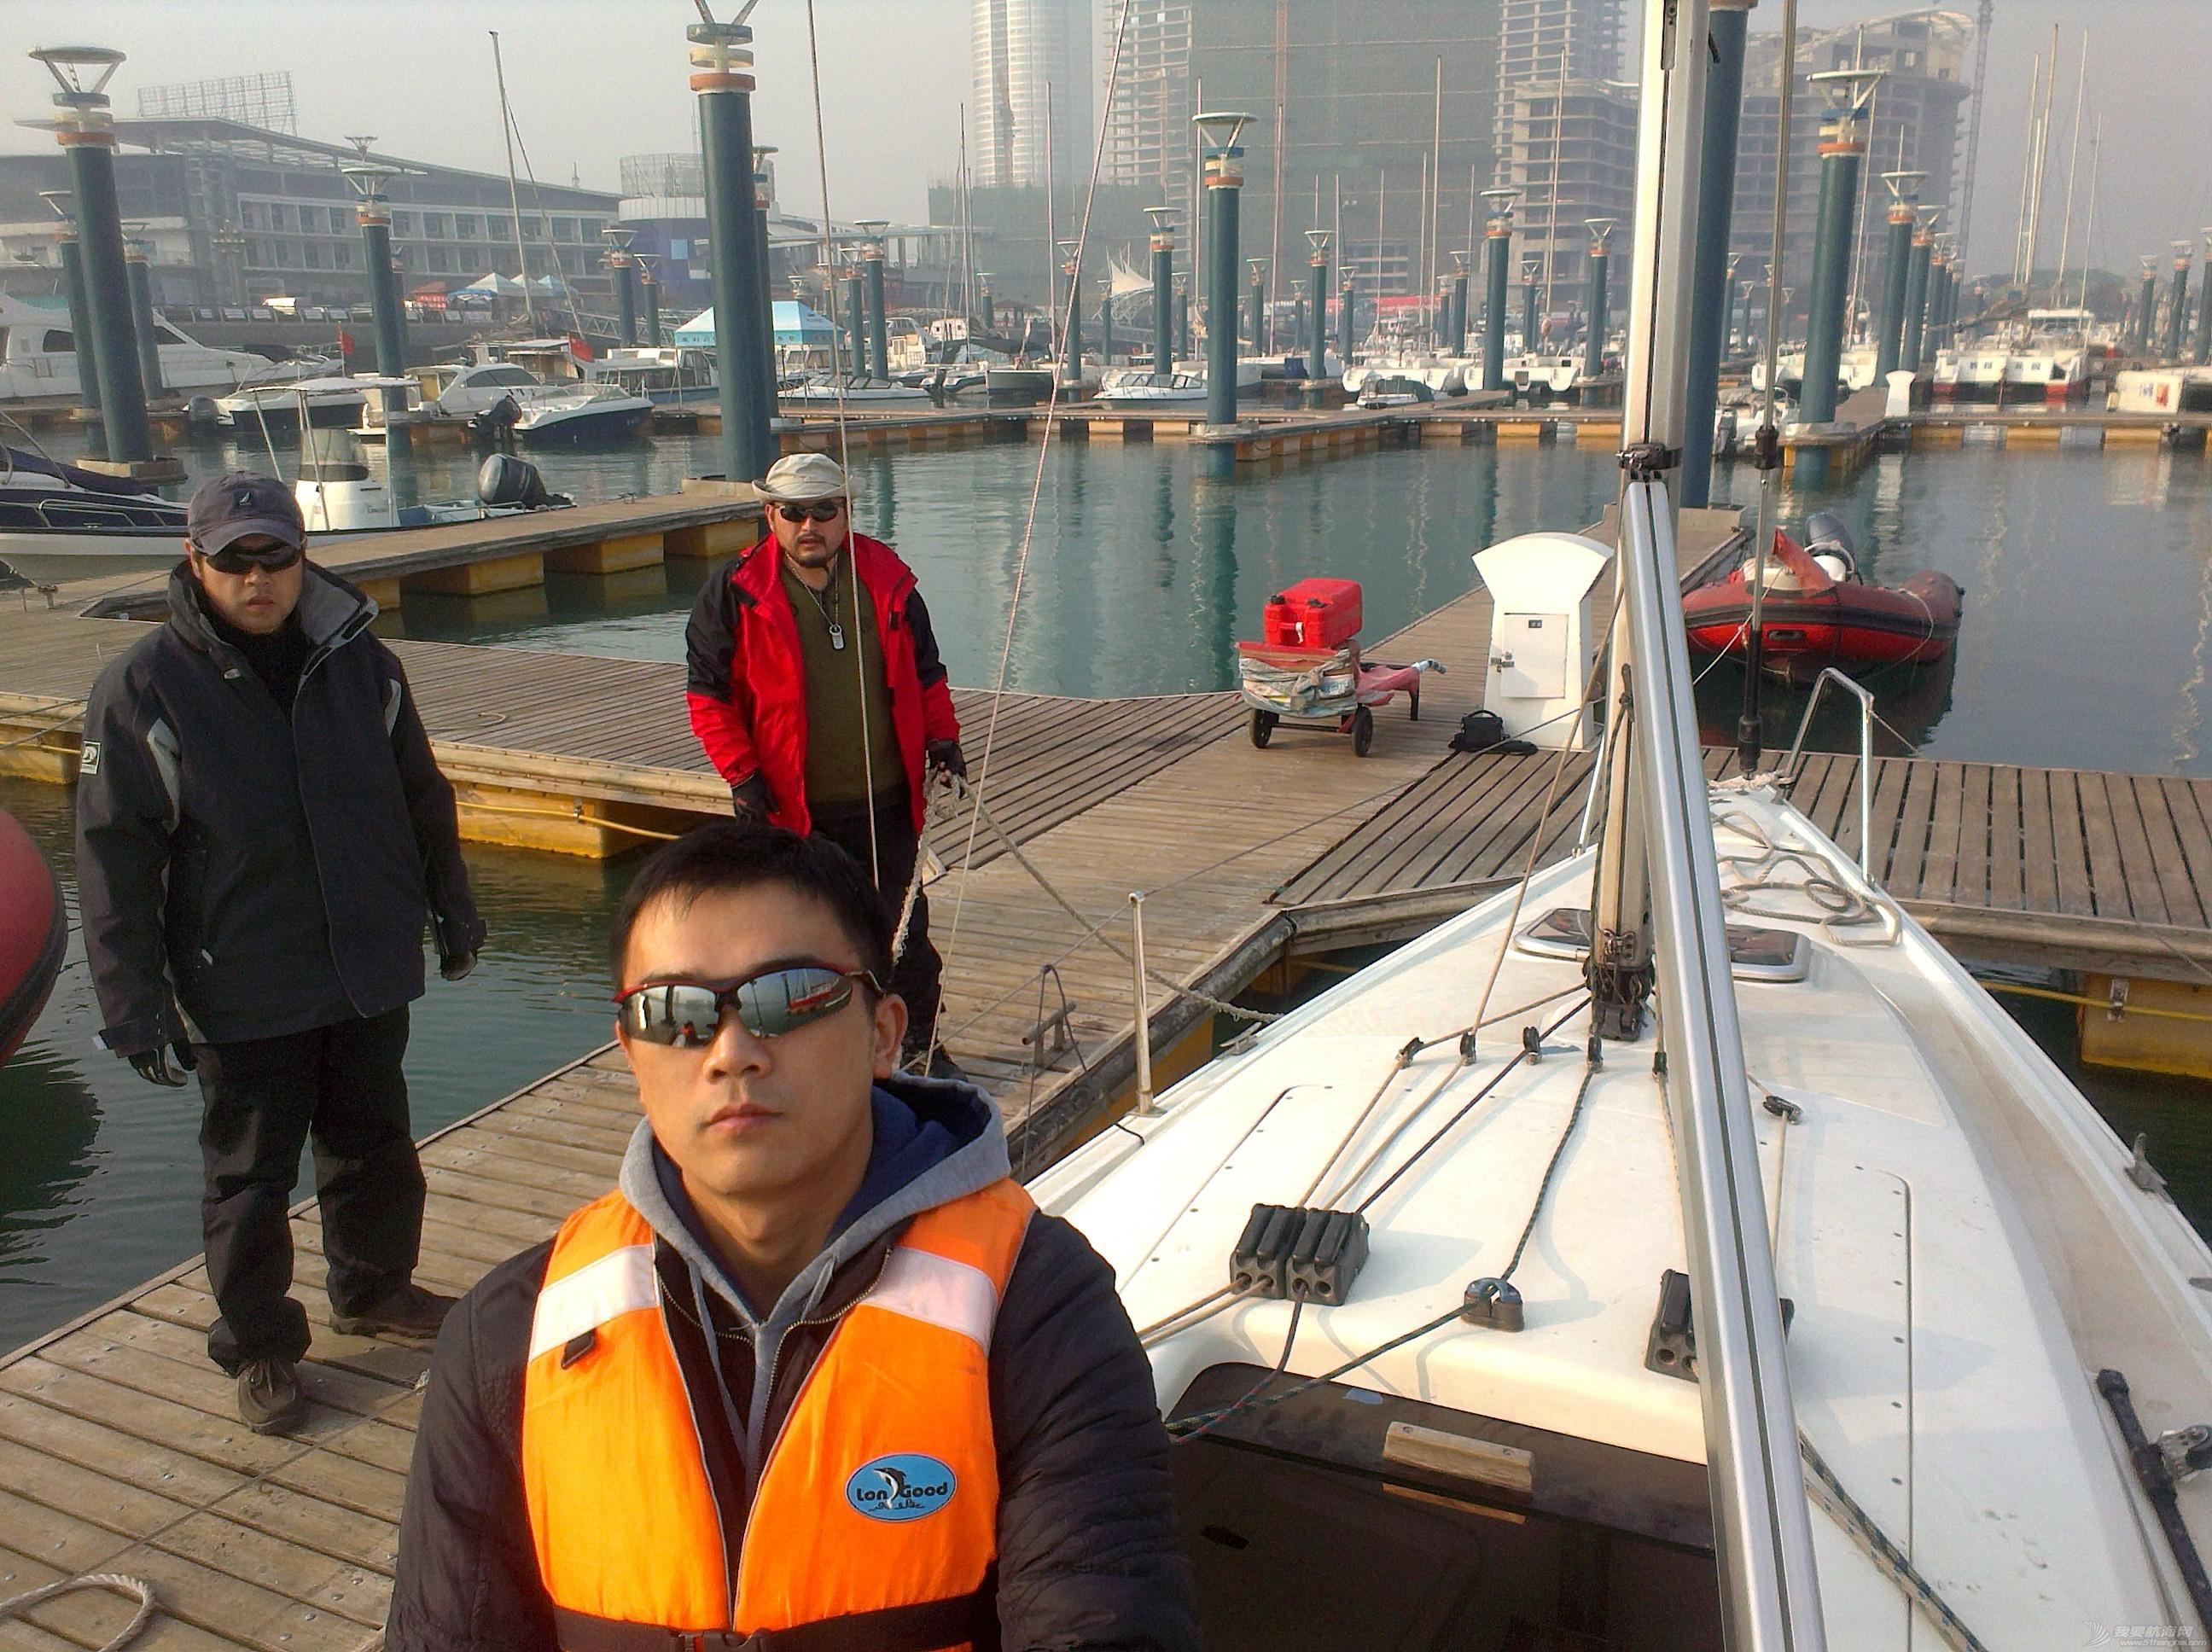 帆船 免费航海不是梦…我是十四期学员(我要去航海/全民公益航海帆船训练) C360_2016-01-02-14-48-02-188.jpg